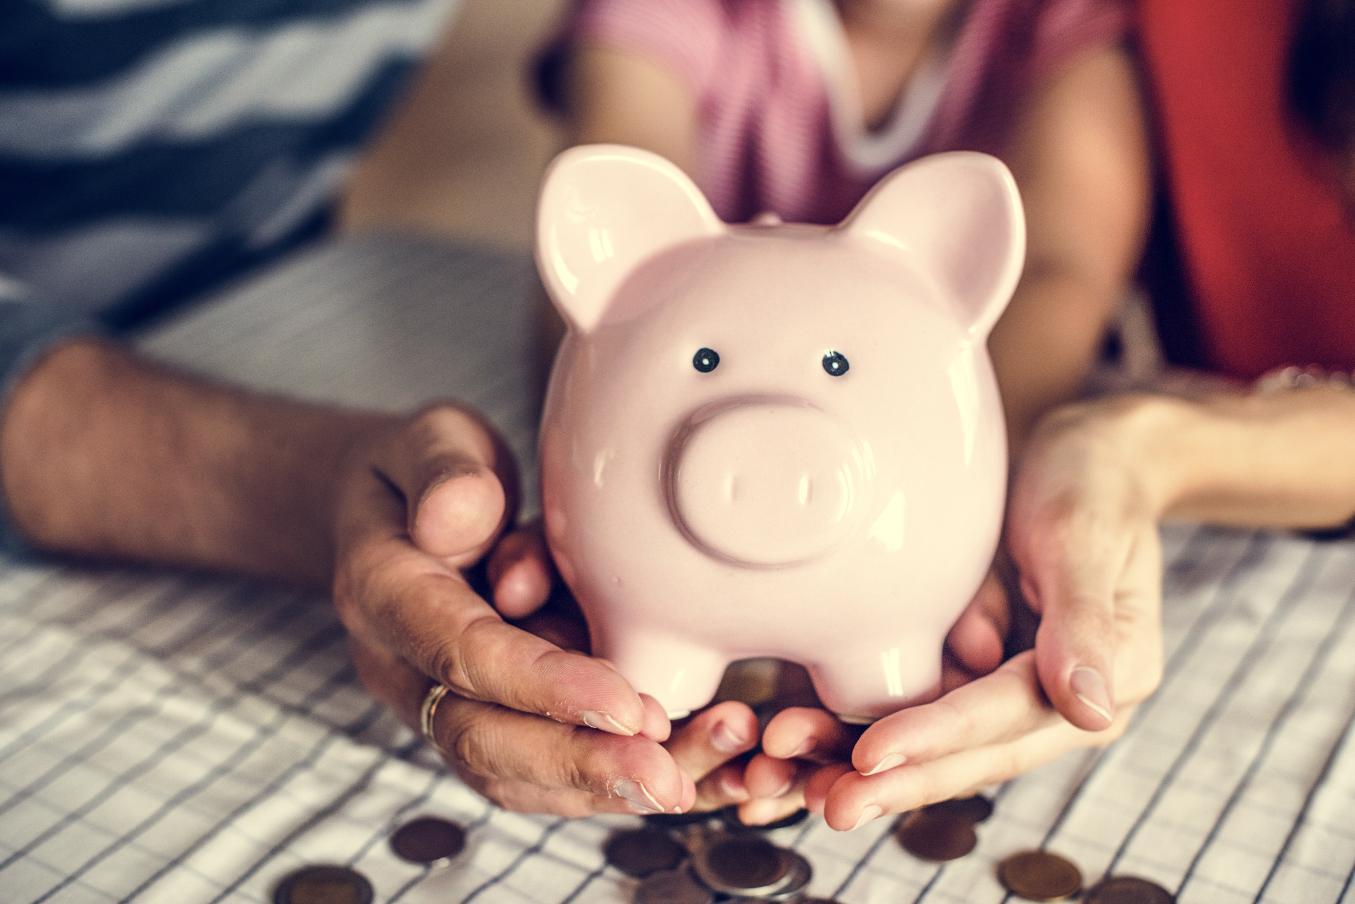 Vaaleanpunainen säästöpossu, jota pitelevät kolmen ihmisen kädet.